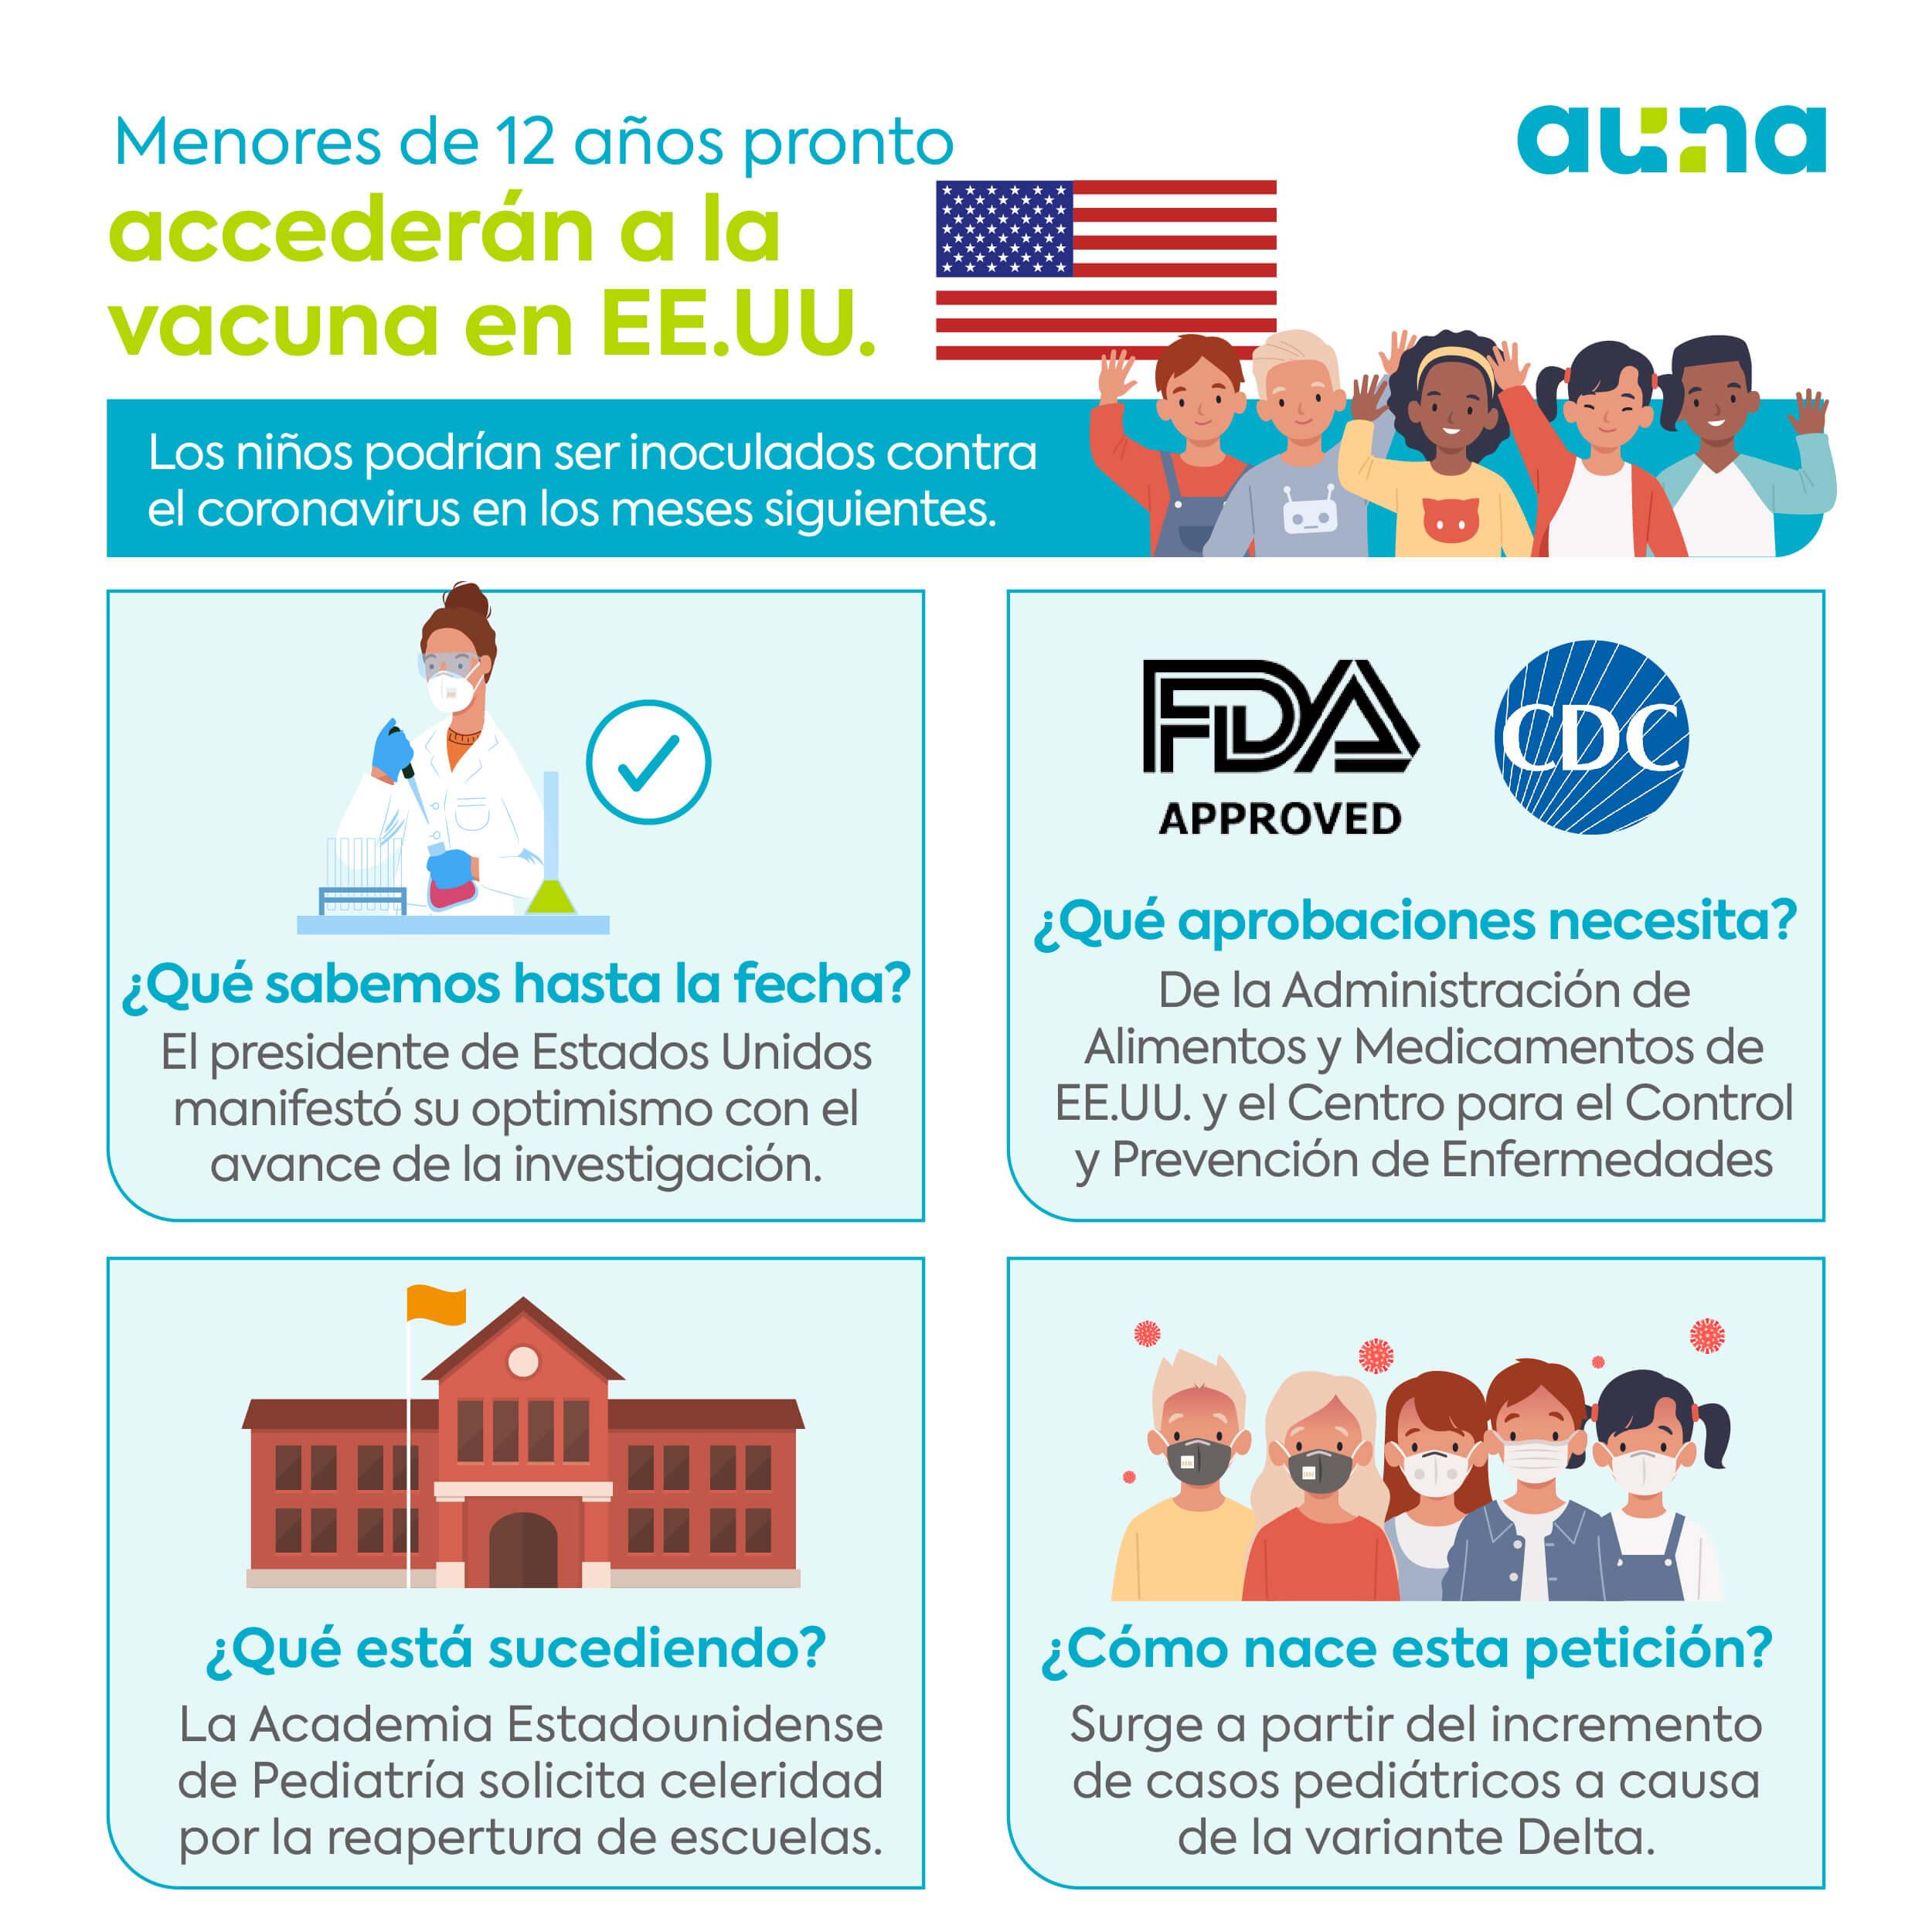 Menores de 12 años pronto acceder a la vacuna en Estados Unidos